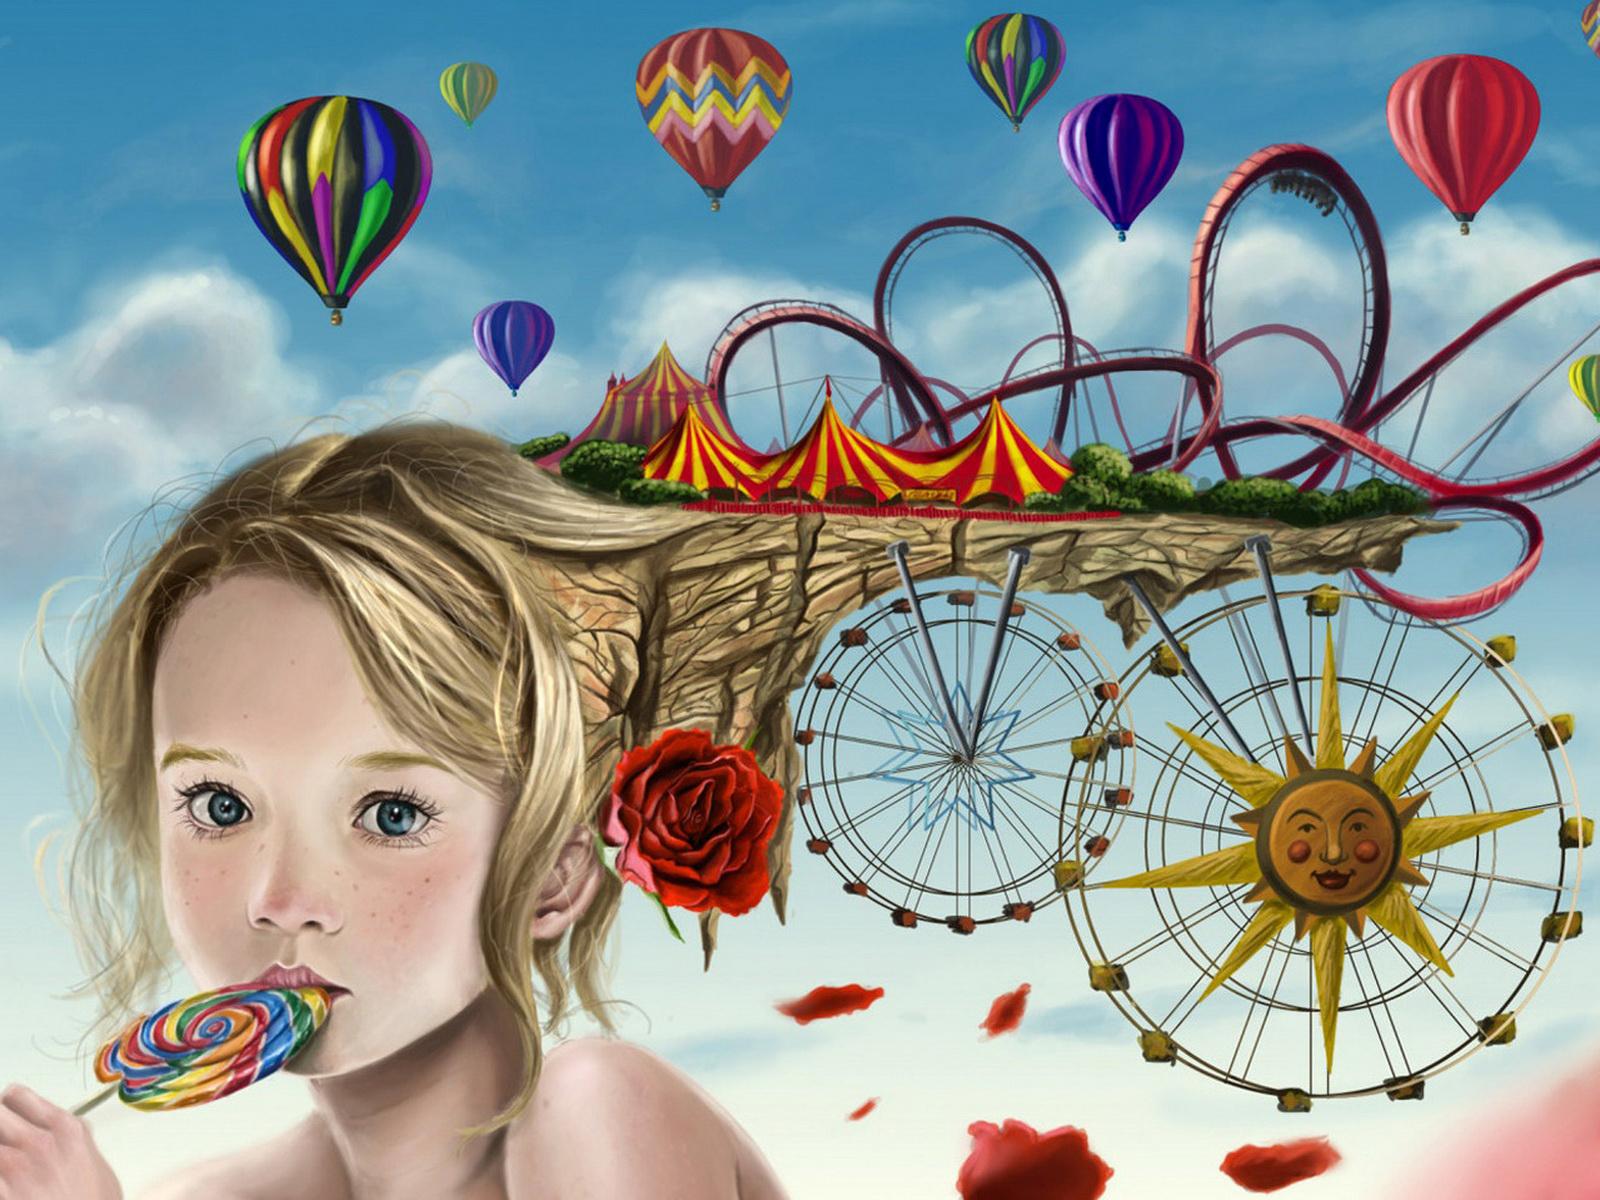 Мечтает картинки для детей